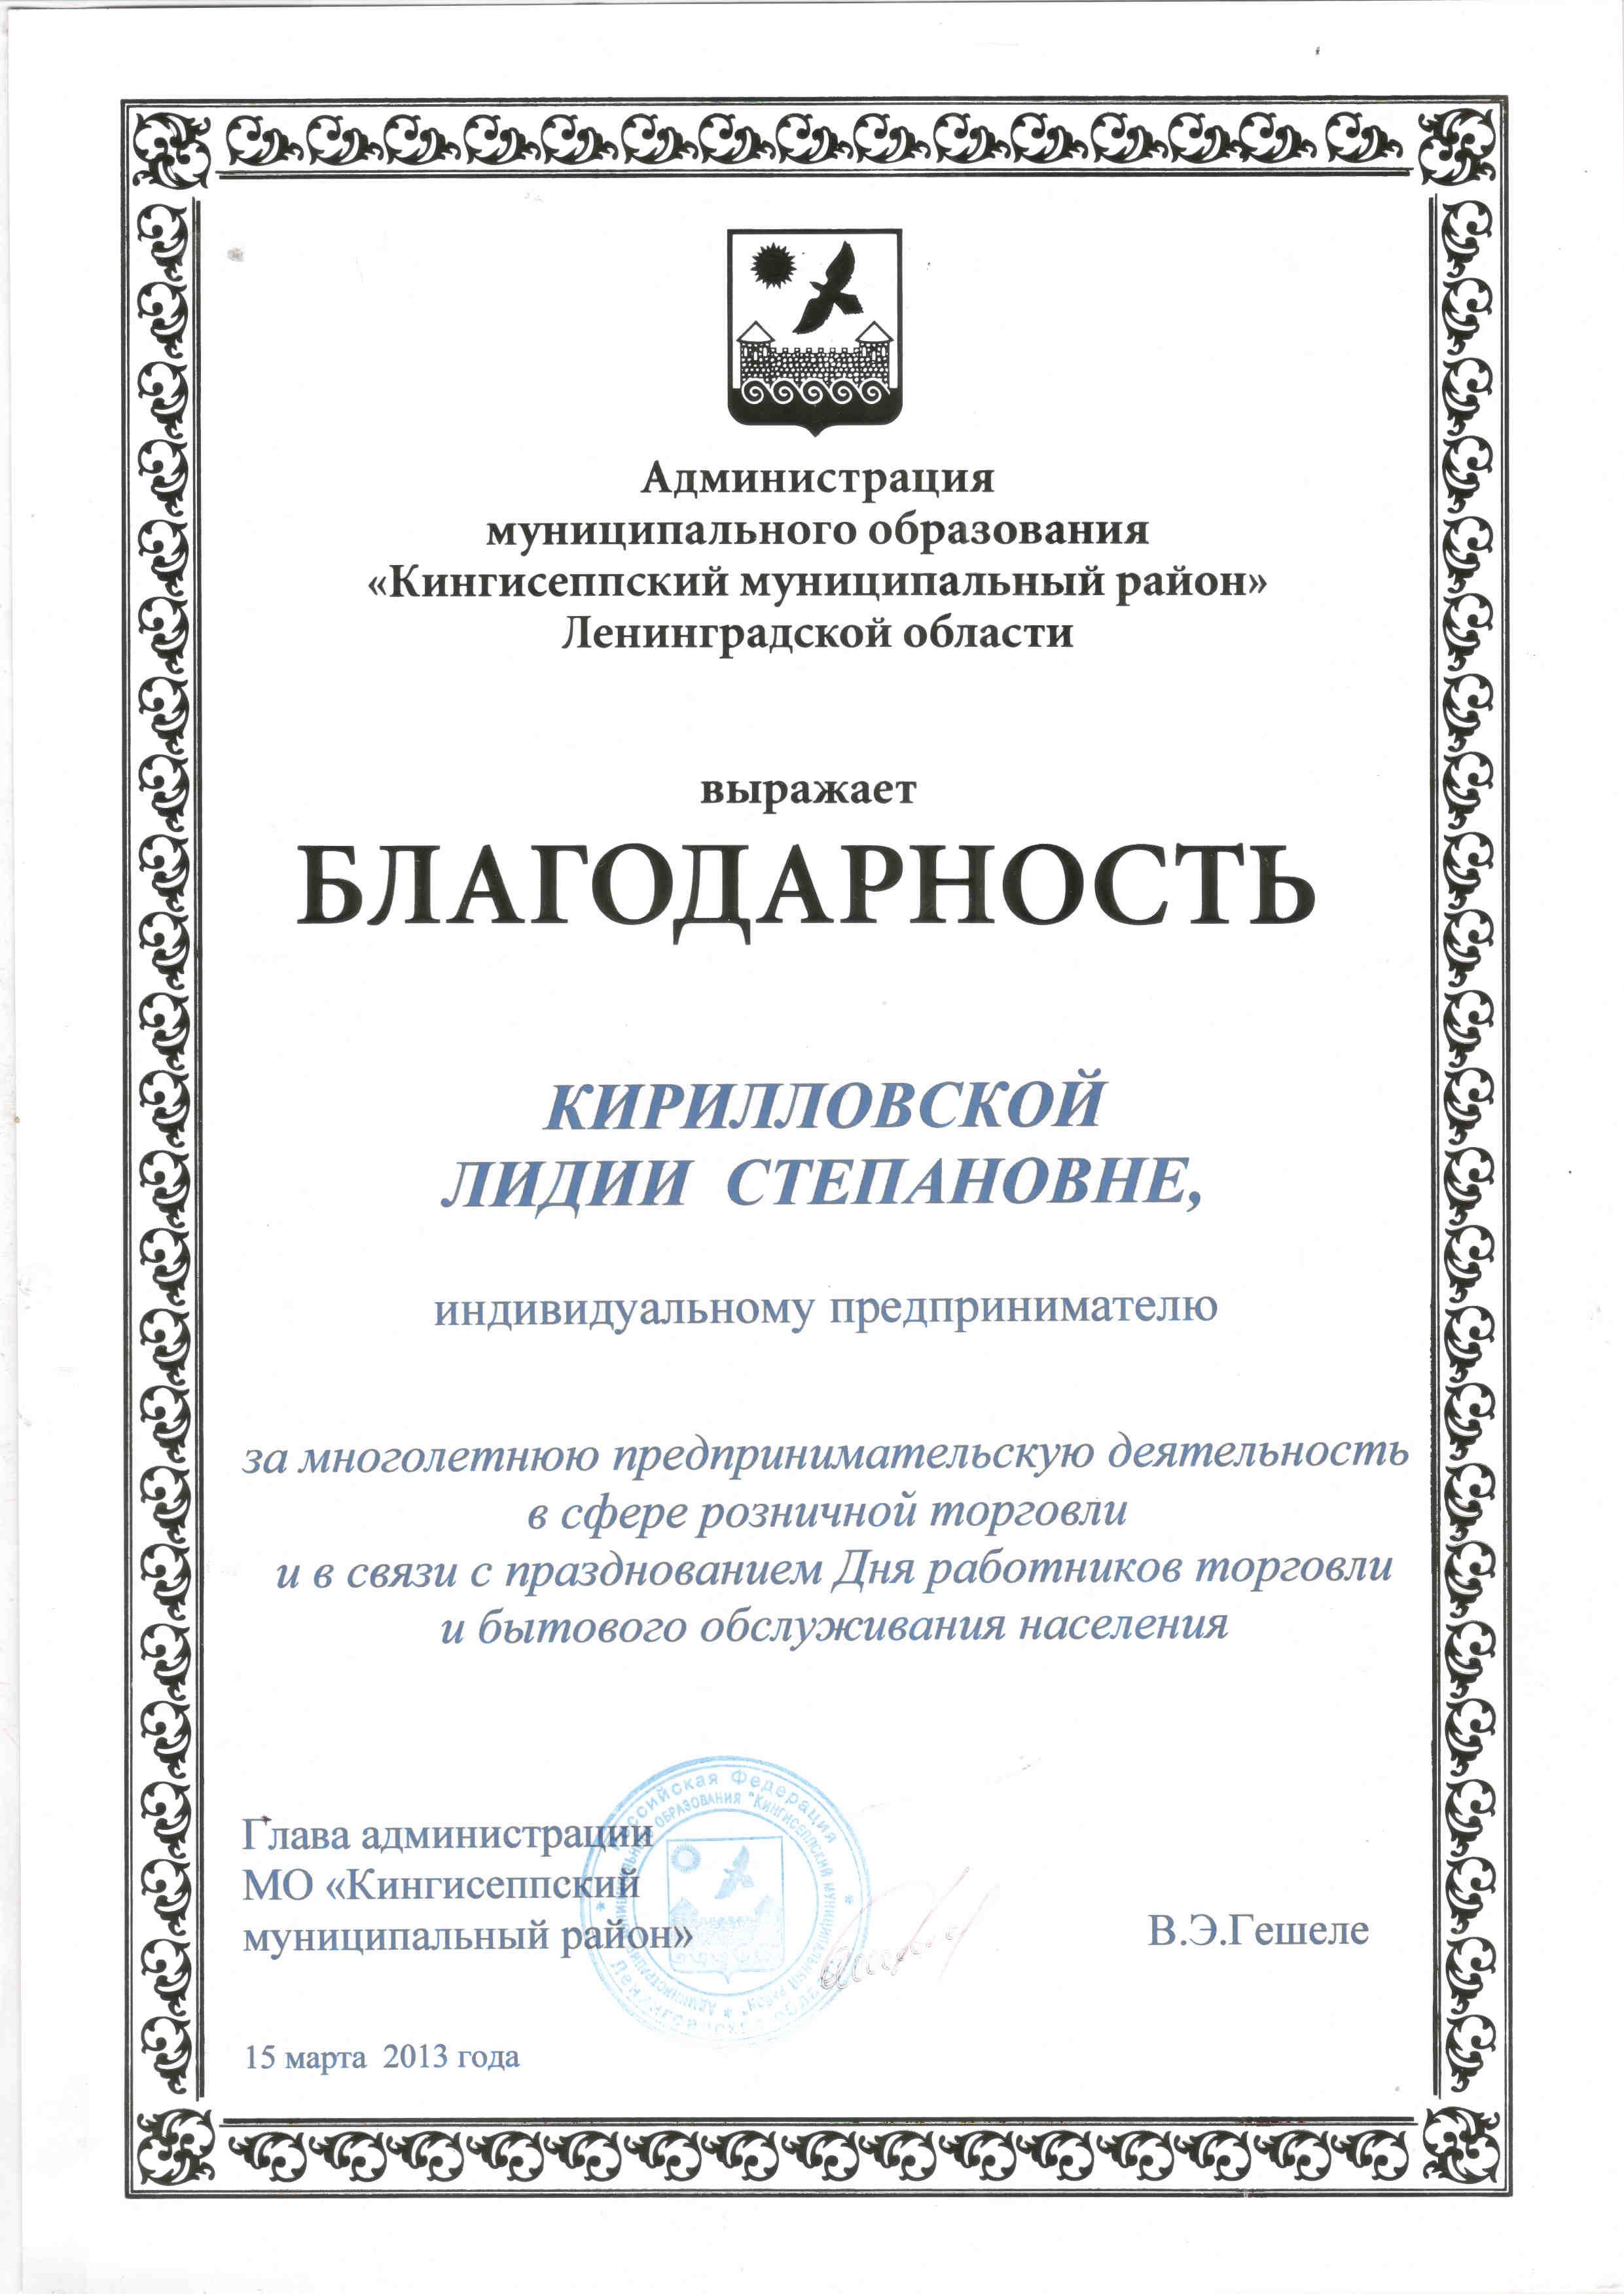 Благодарность от администрации г. Кингисеппа